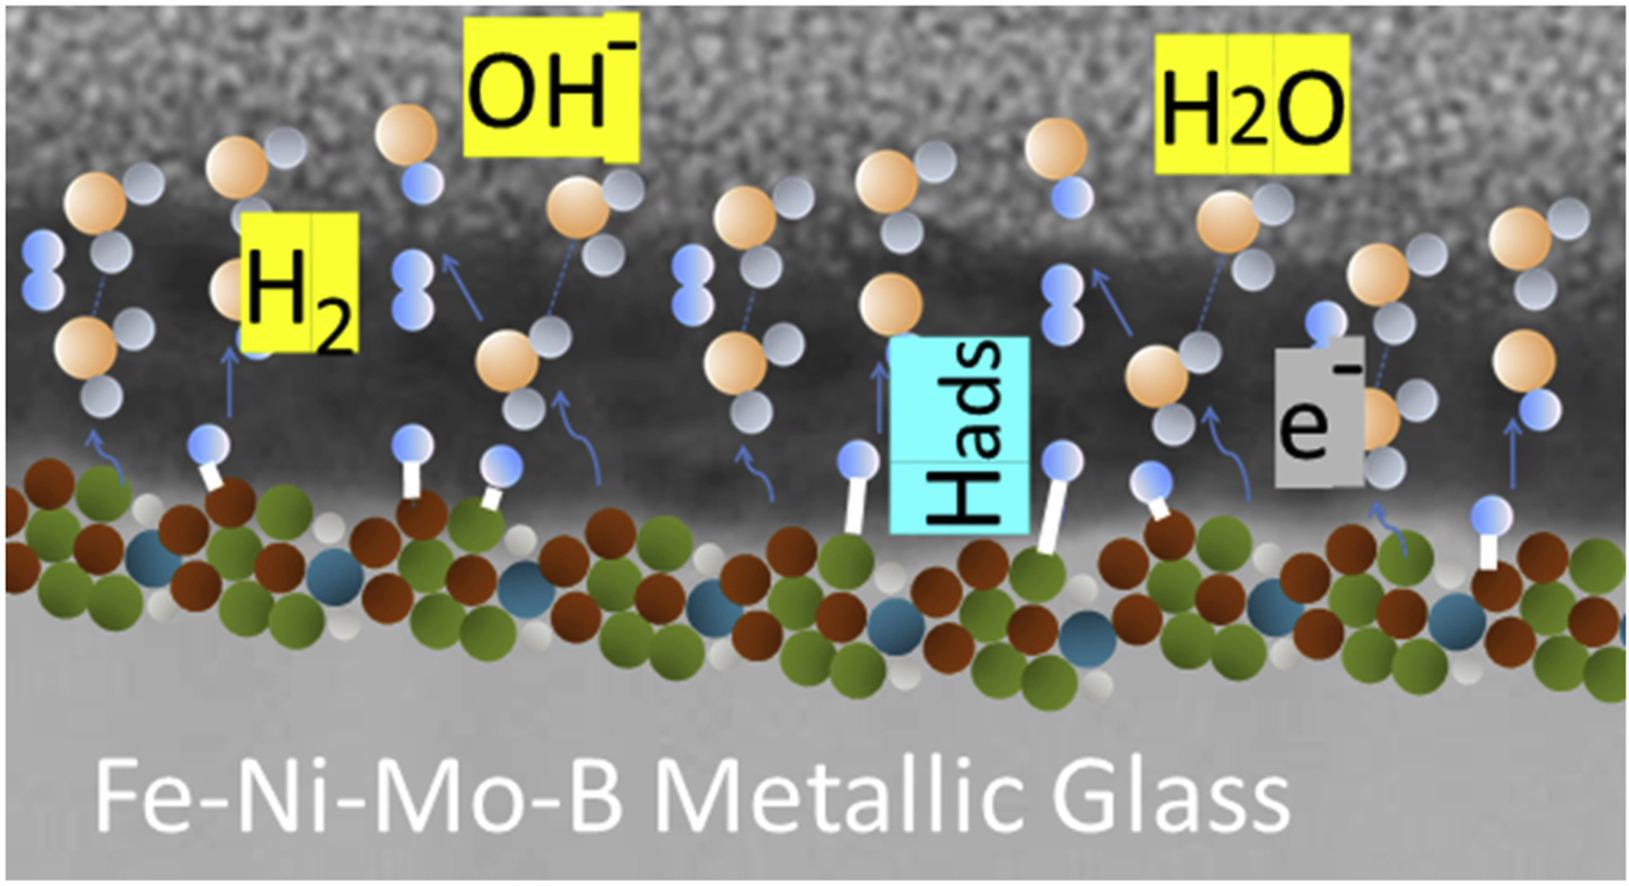 Металлическое стекло – хранилище водорода. Чем заменить дорогостоящий палладий?